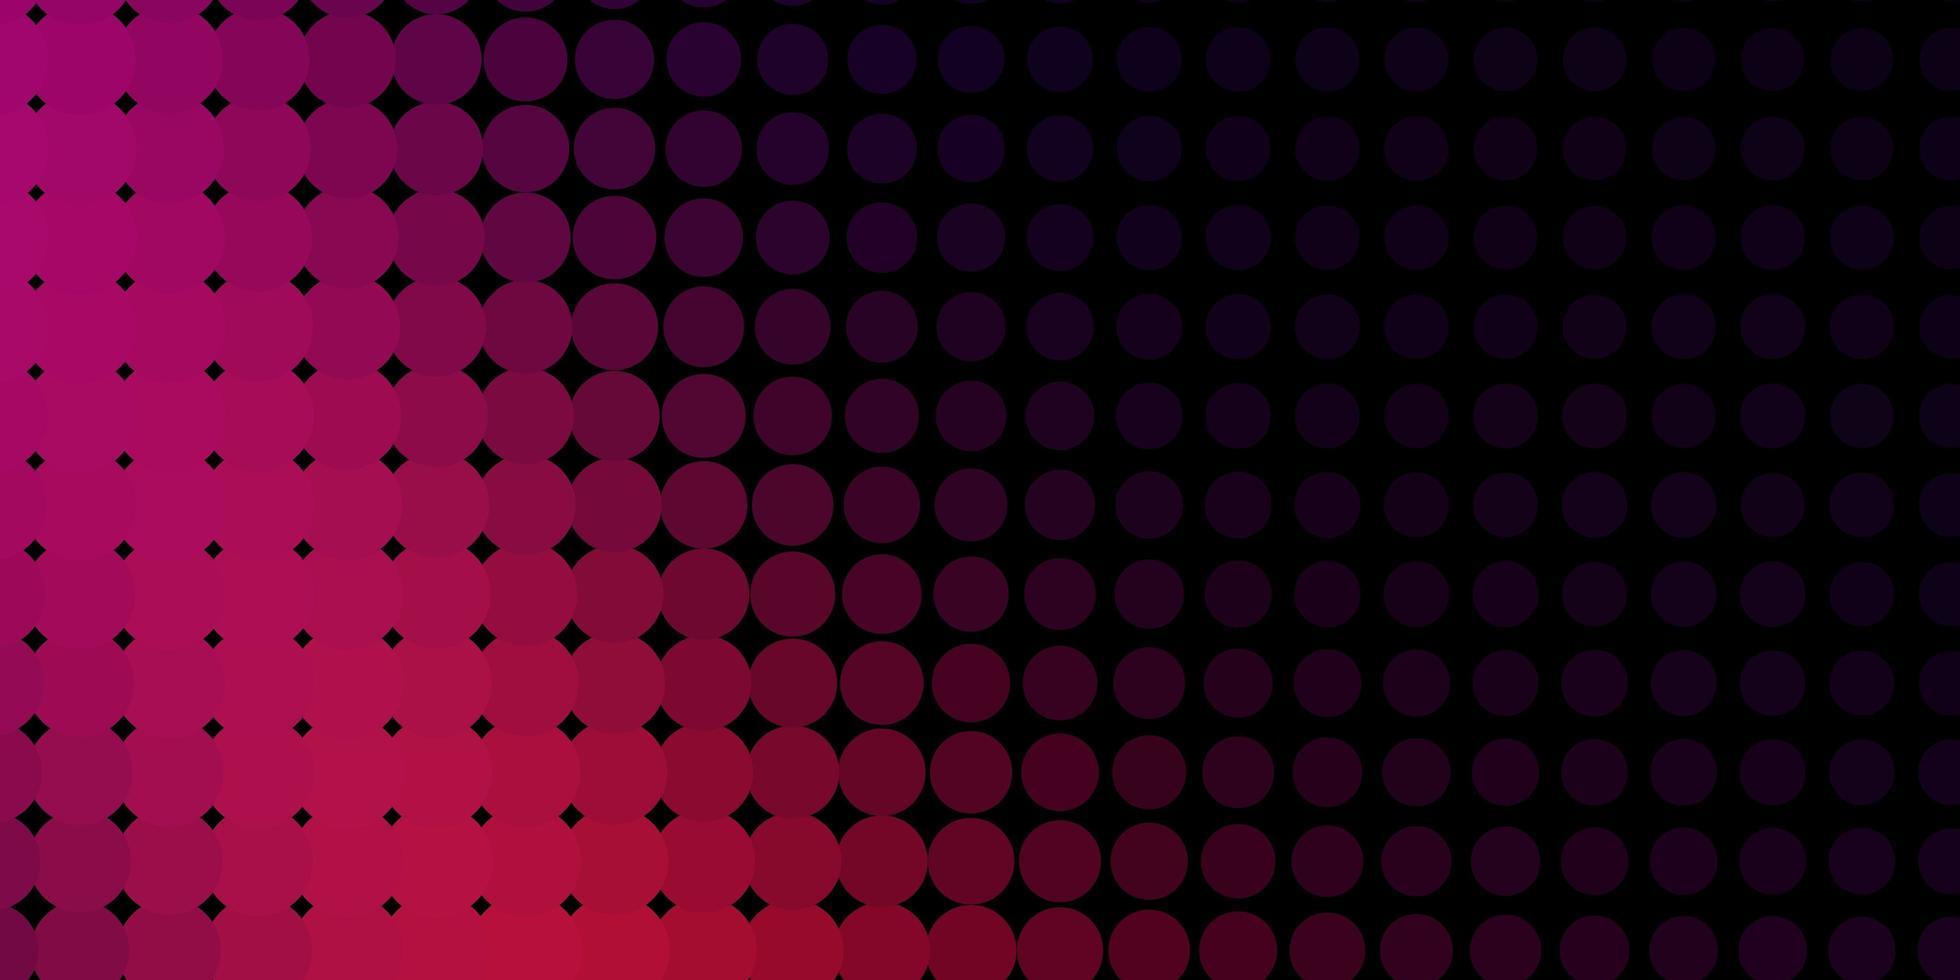 dunkelrosa Vektorhintergrund mit Blasen. vektor